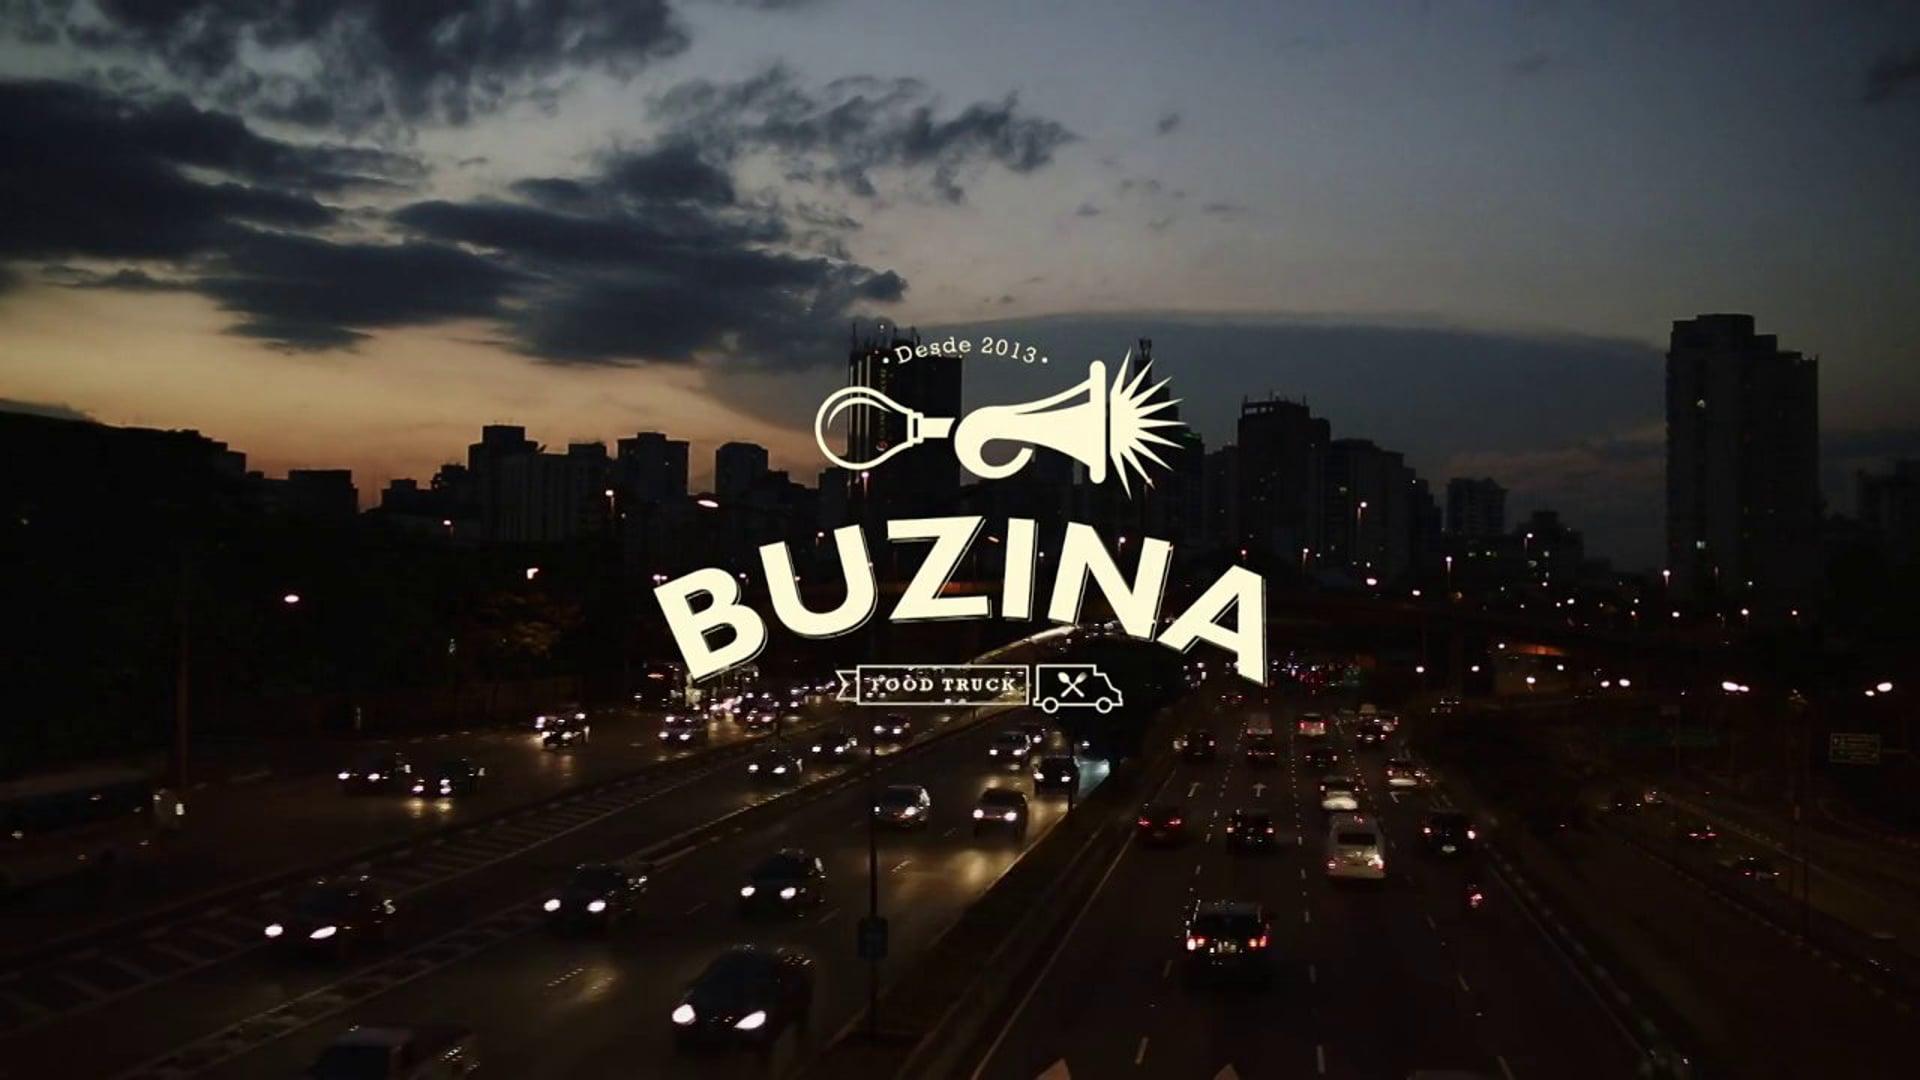 Buzina Food Truck